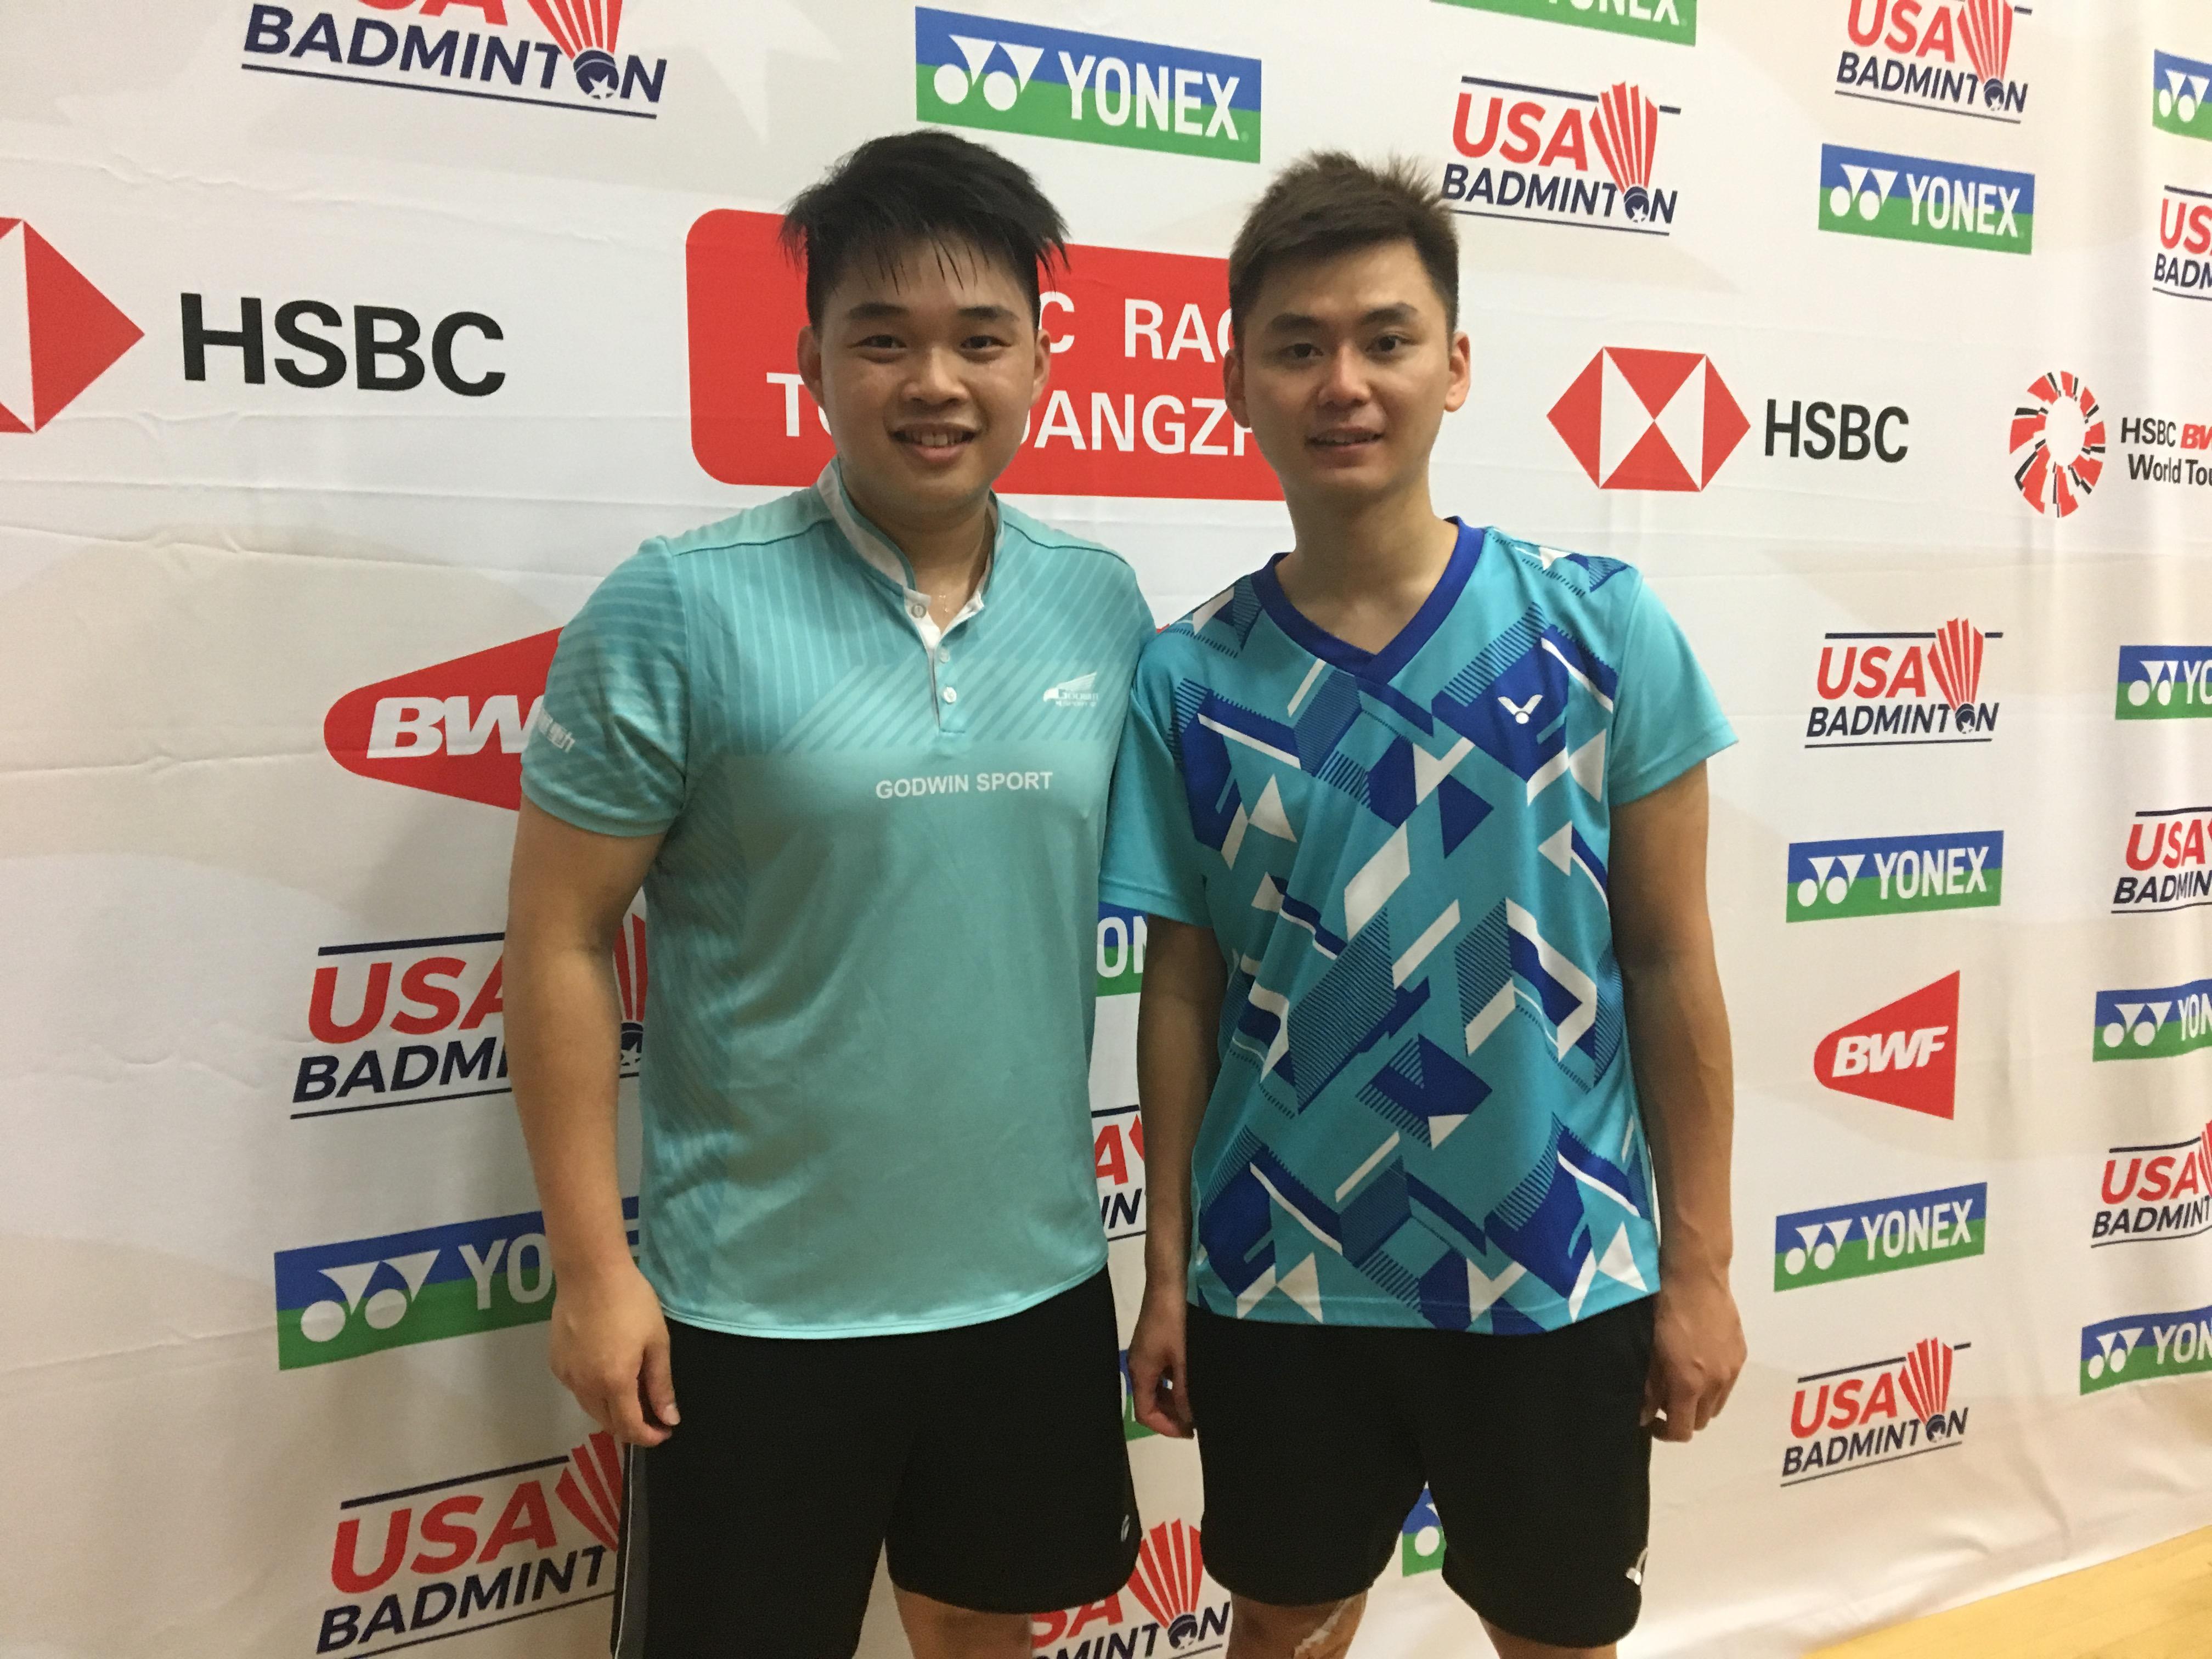 2018美國羽毛球公開賽12日正式開打,台灣男子雙打選手甘超宇(右)、廖啟宏(左)首場比賽對陣美國選手,以21比15連勝兩局,將對方淘汰。(記者啟鉻/攝影)